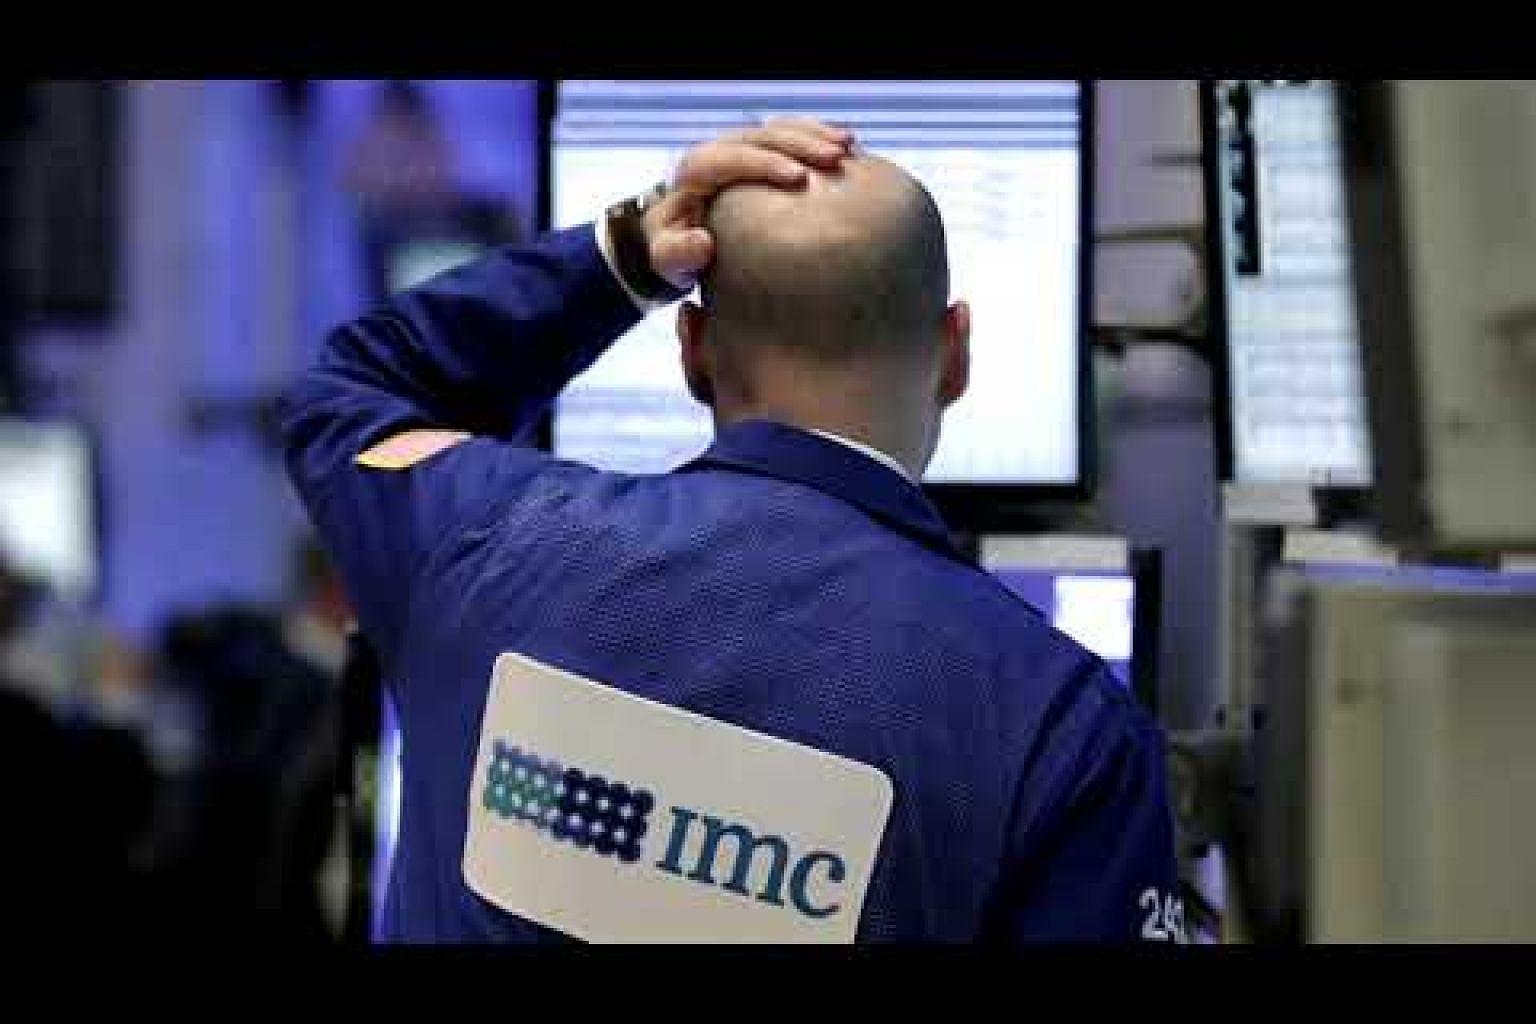 Wall Street ends lower as tech stocks slide